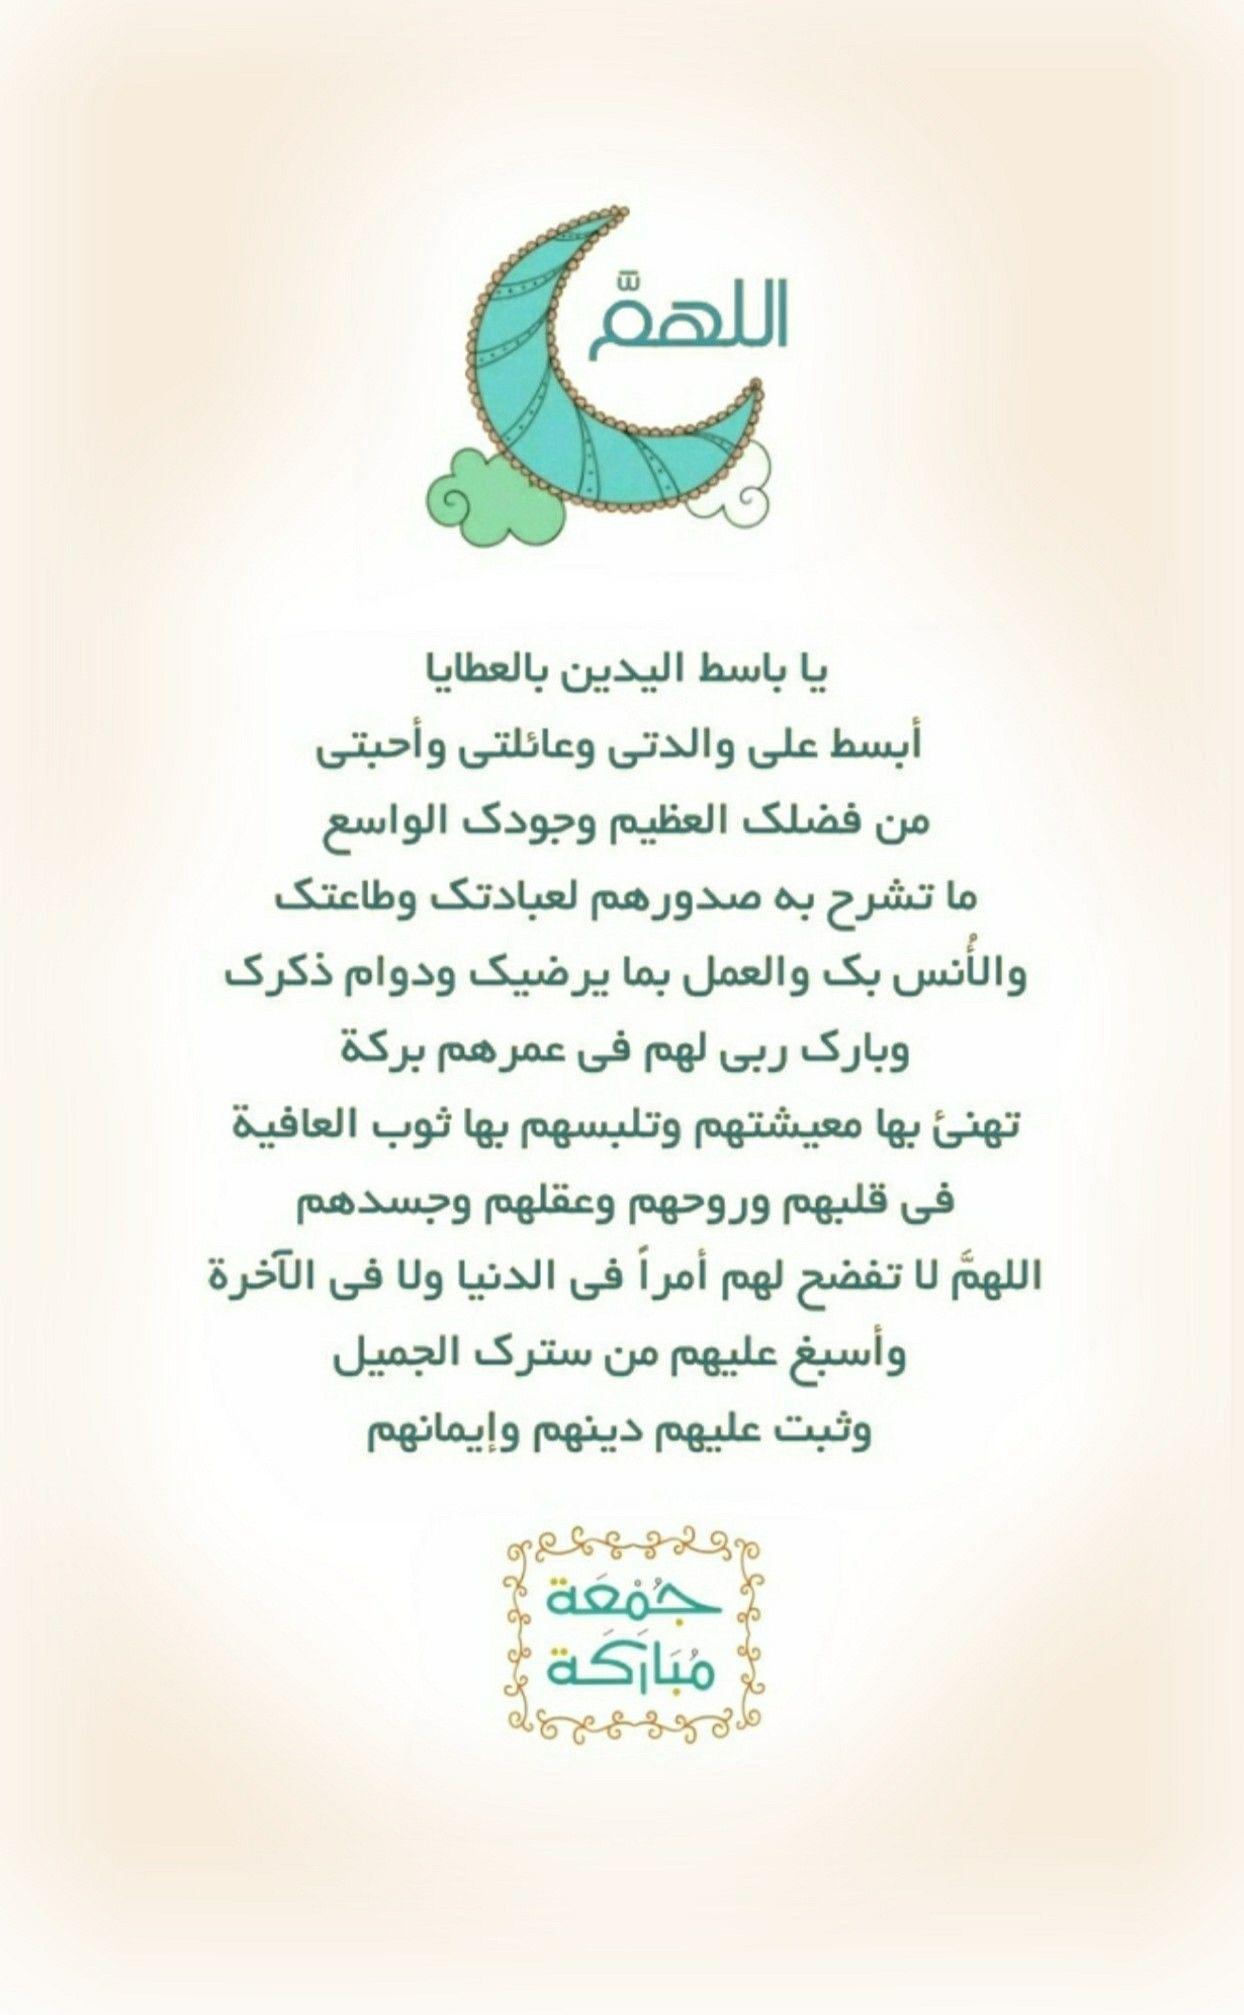 اللهم يا باسط اليدين بالعطايا أبسط على والدتي وعائلتي وأحبتي من فضلك العظيم وجودك الواسع ما تشرح به ص Quran Quotes Love Good Morning Arabic Life Quotes